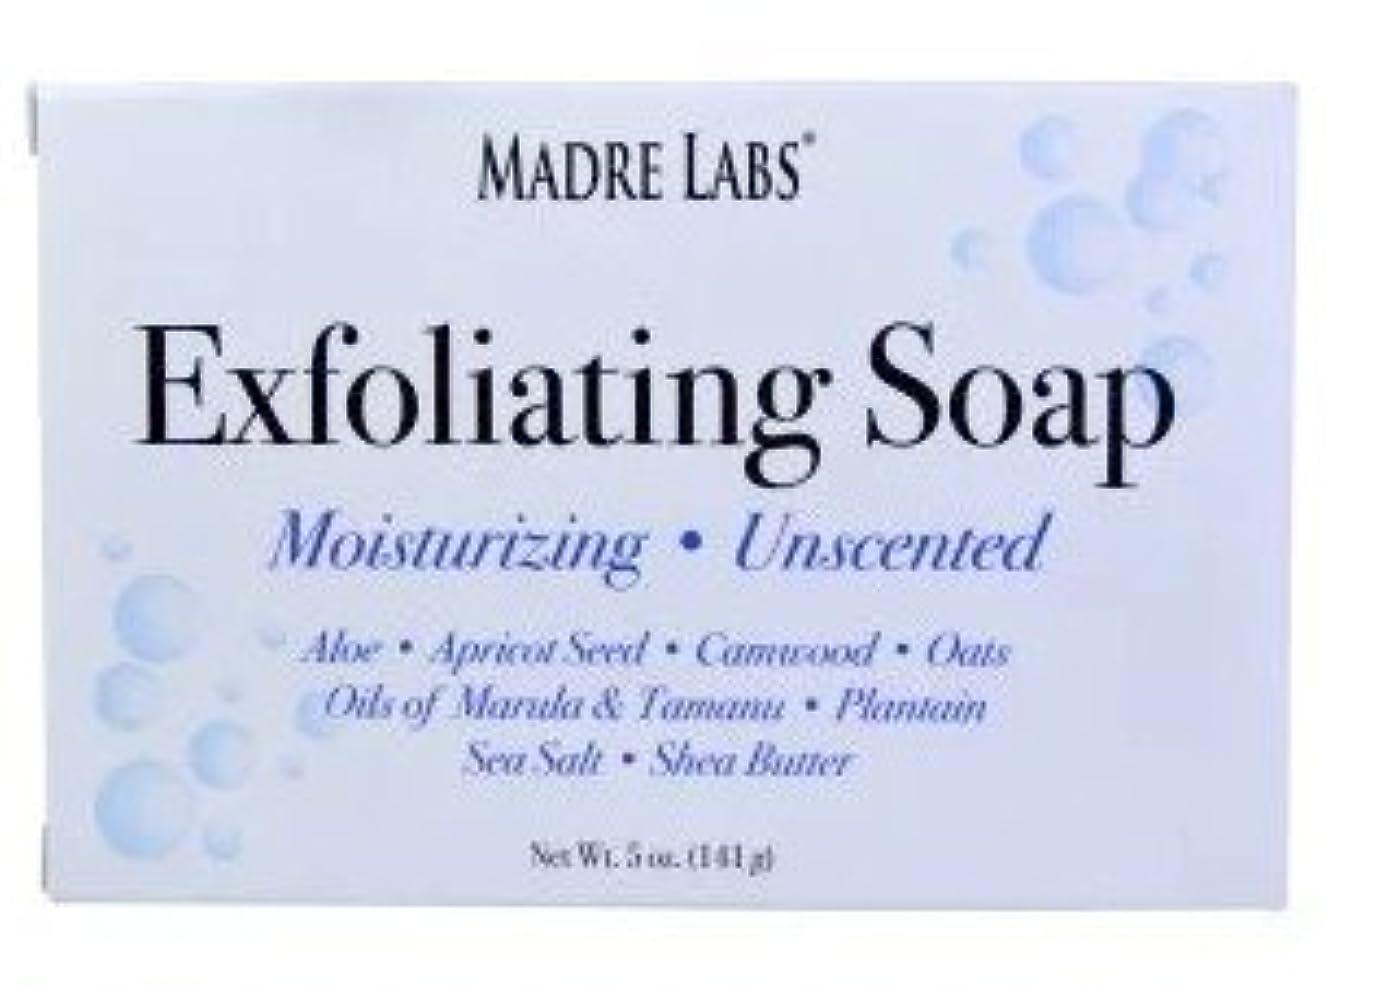 プロトタイプヶ月目ライムマドレラブ シアバター入り石鹸 Madre Labs Exfoliating Soap Bar with Marula & Tamanu Oils plus Shea Butter [並行輸入品]